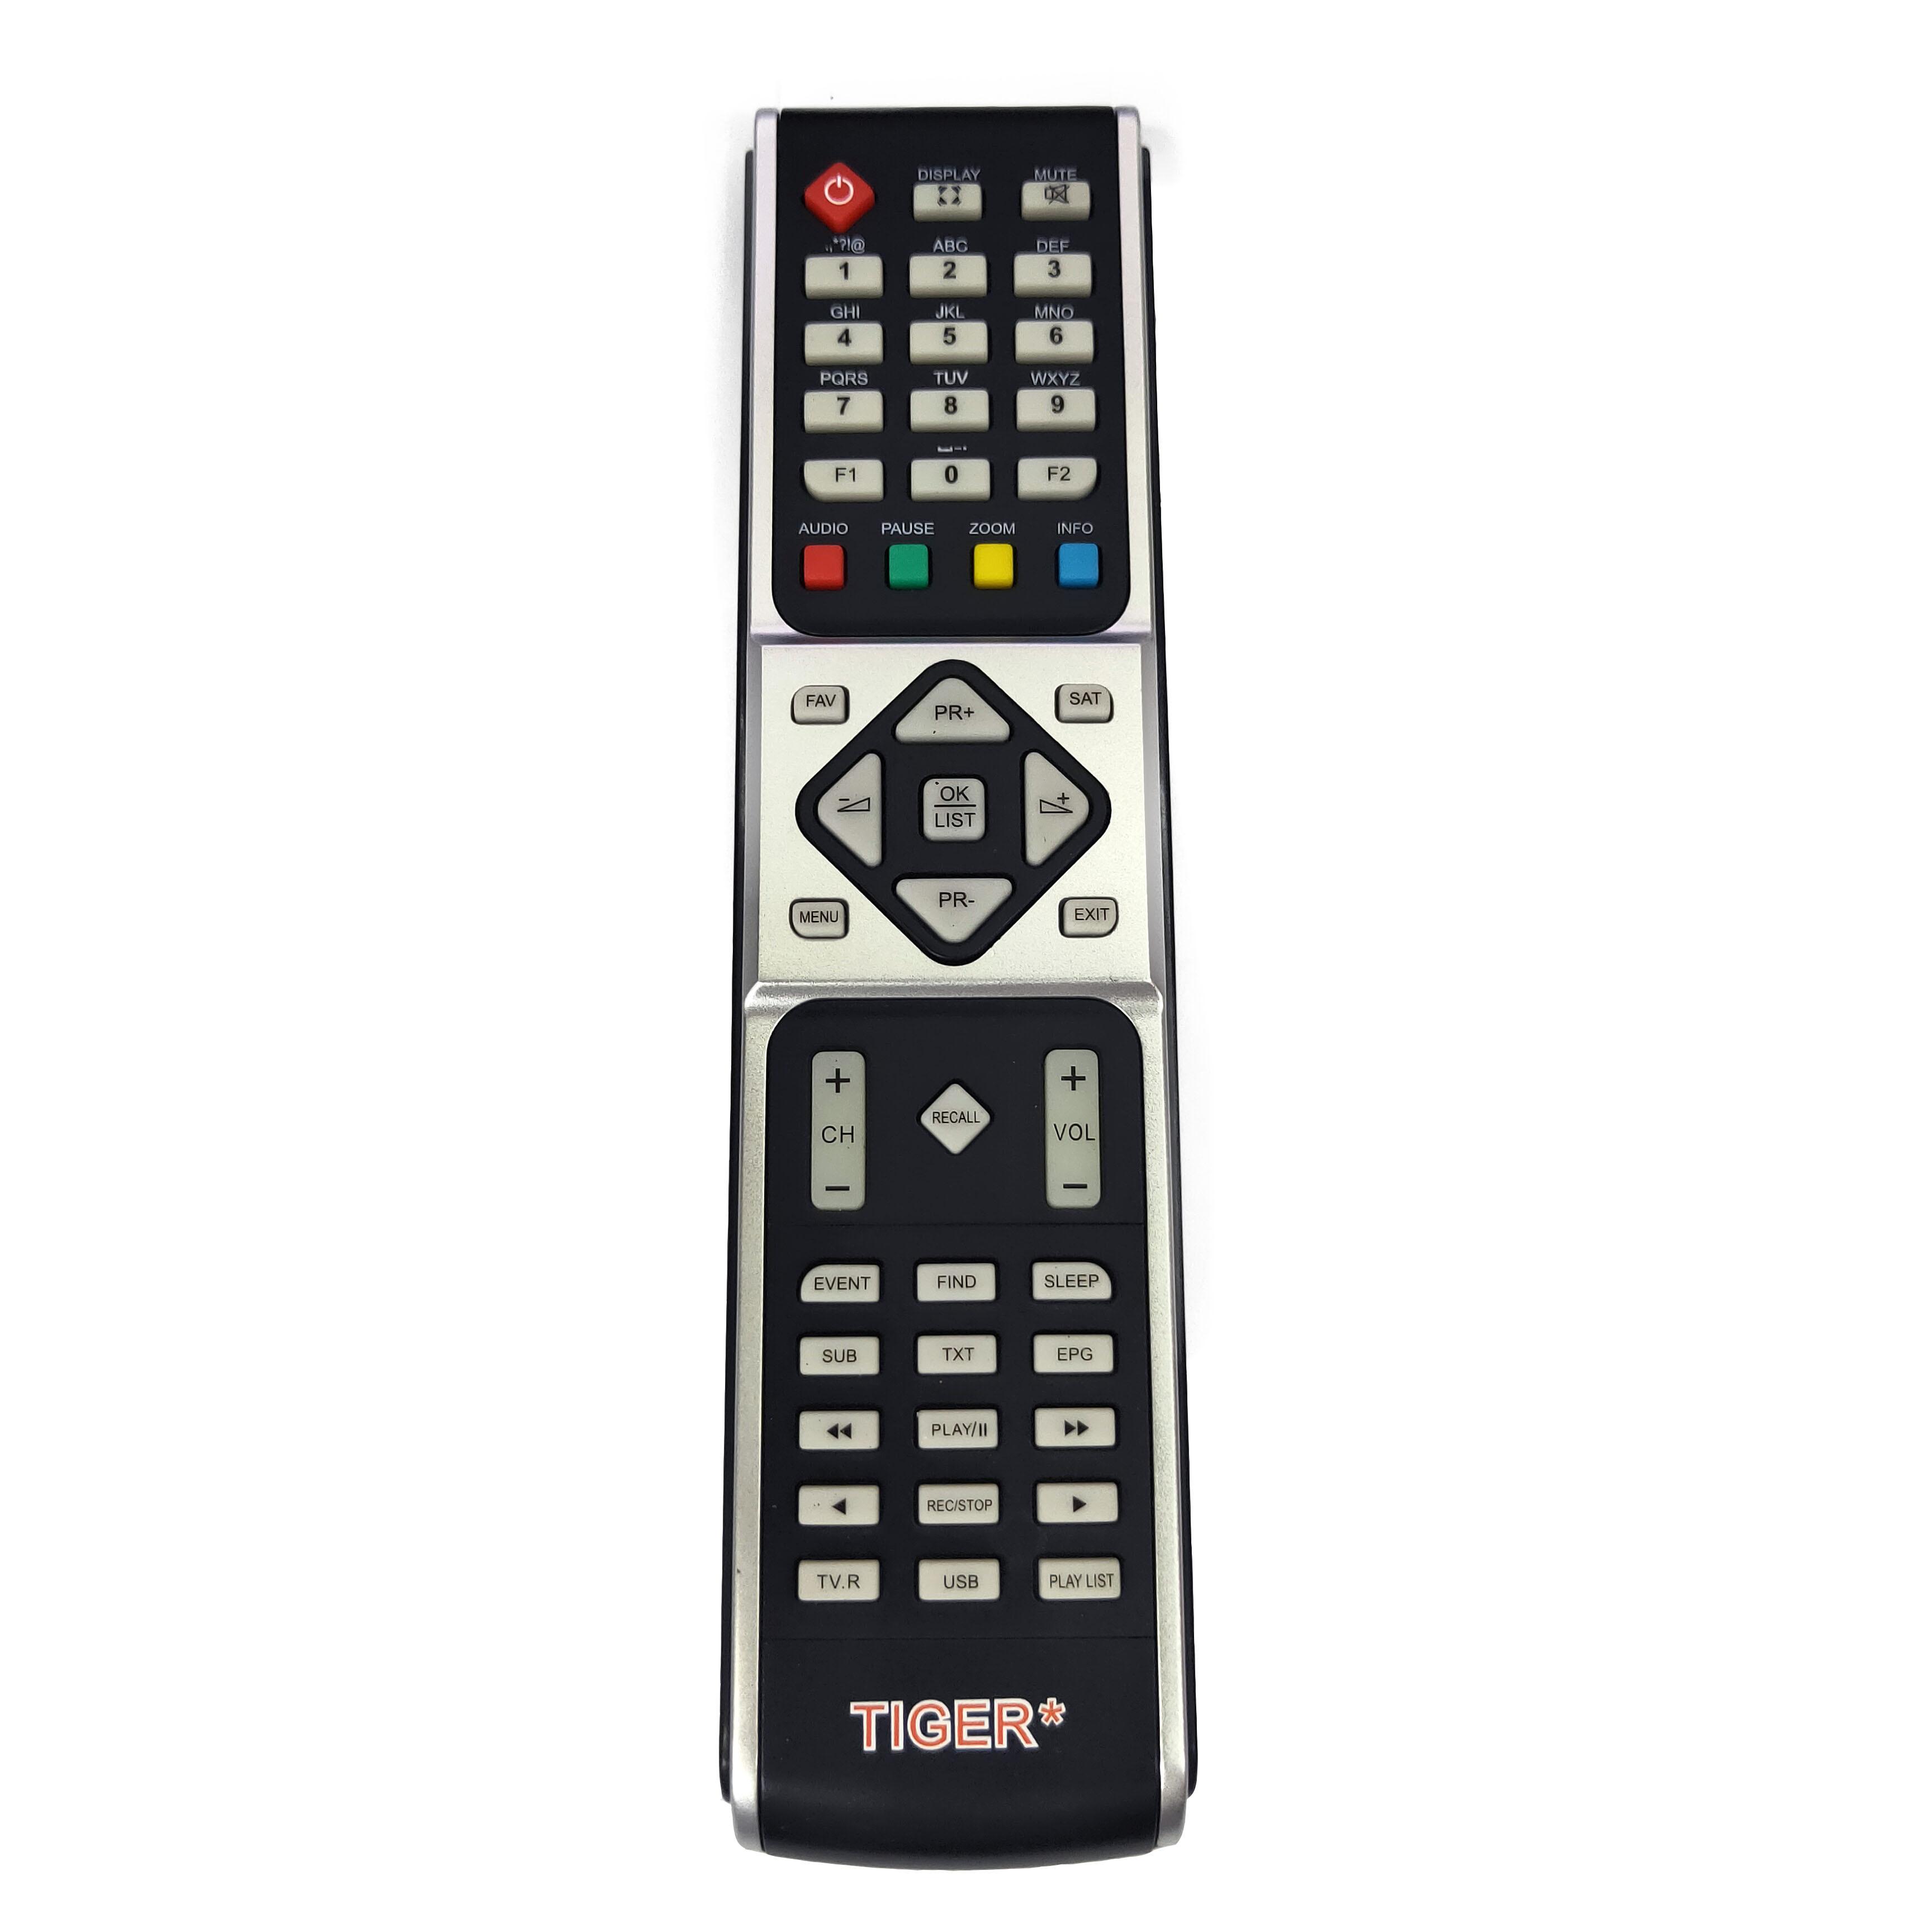 New Original for Tiger Home Audio Remote control